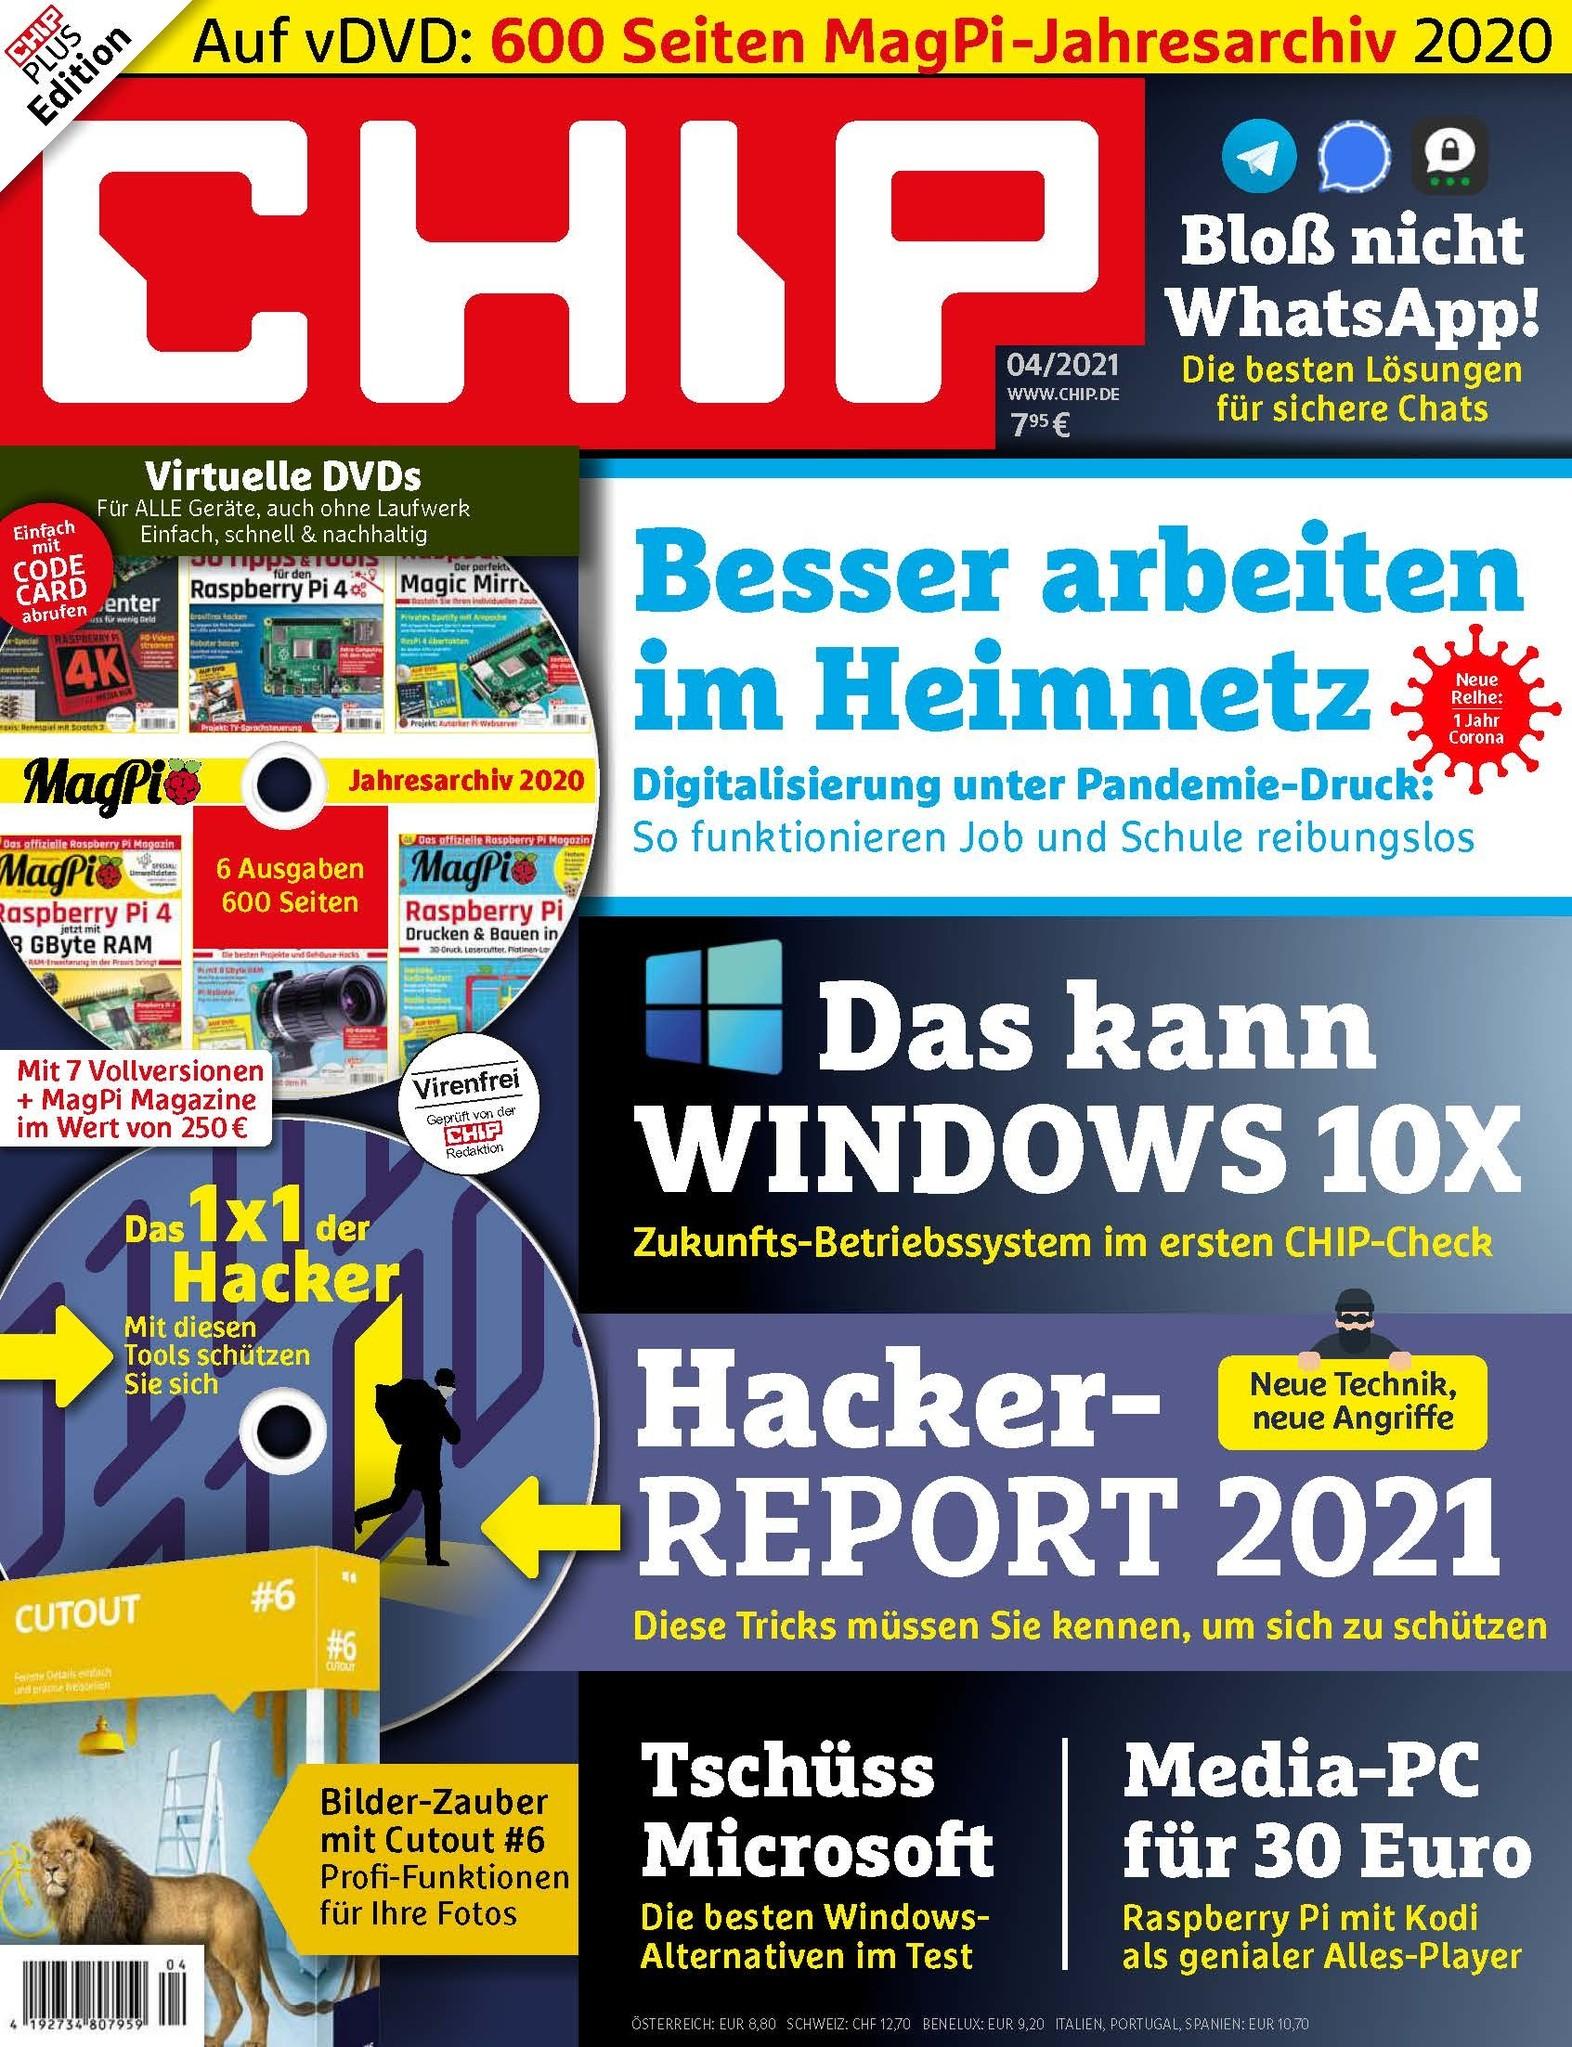 CHIP CHIP Plus - Besser arbeiten im Heimnetz